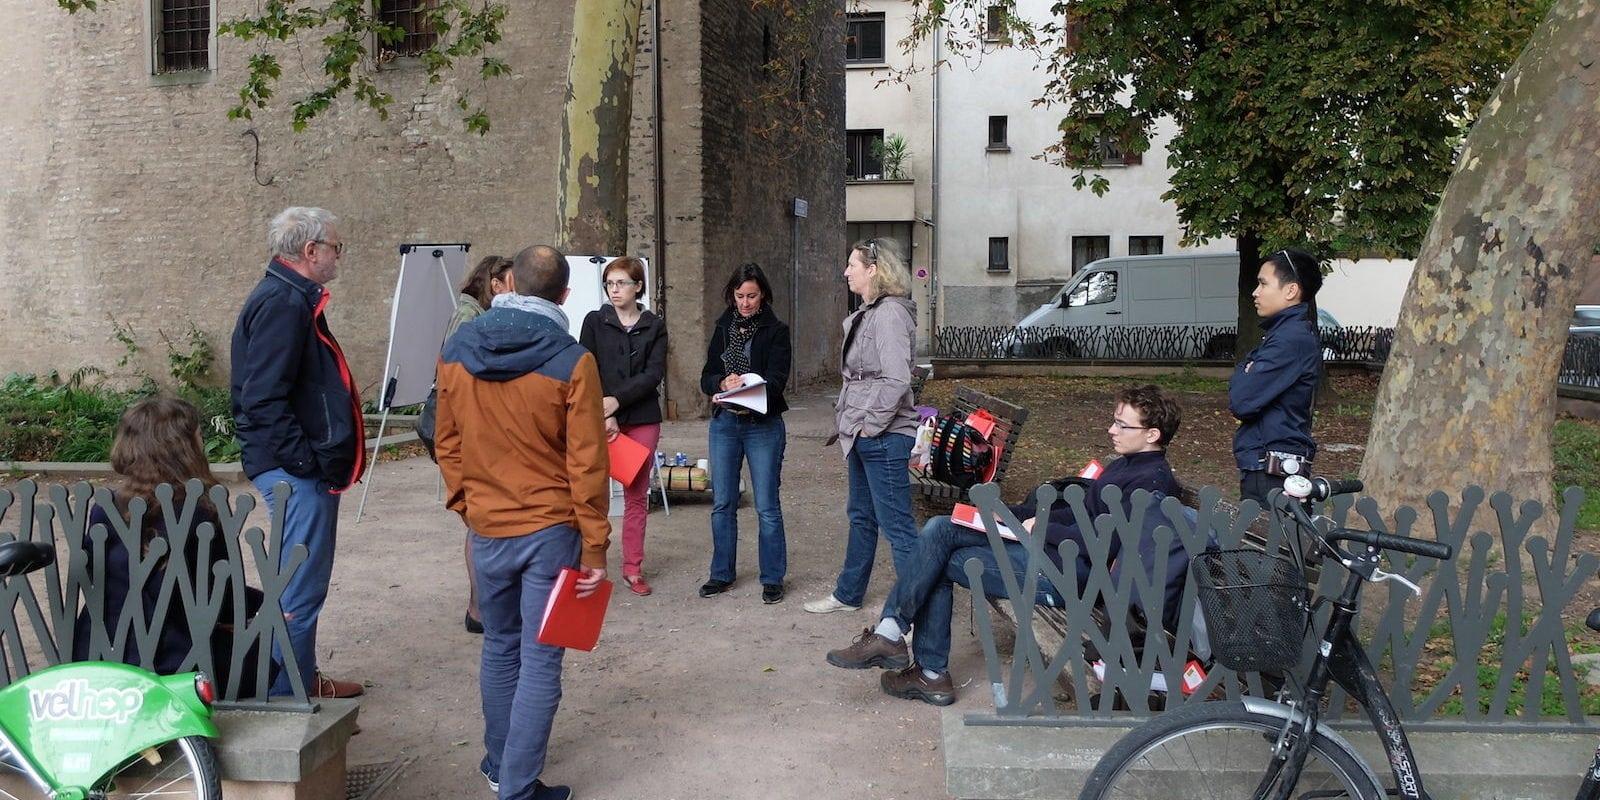 Des idées et des légumes en papier, mais la démocratie locale ne mobilise pas les foules